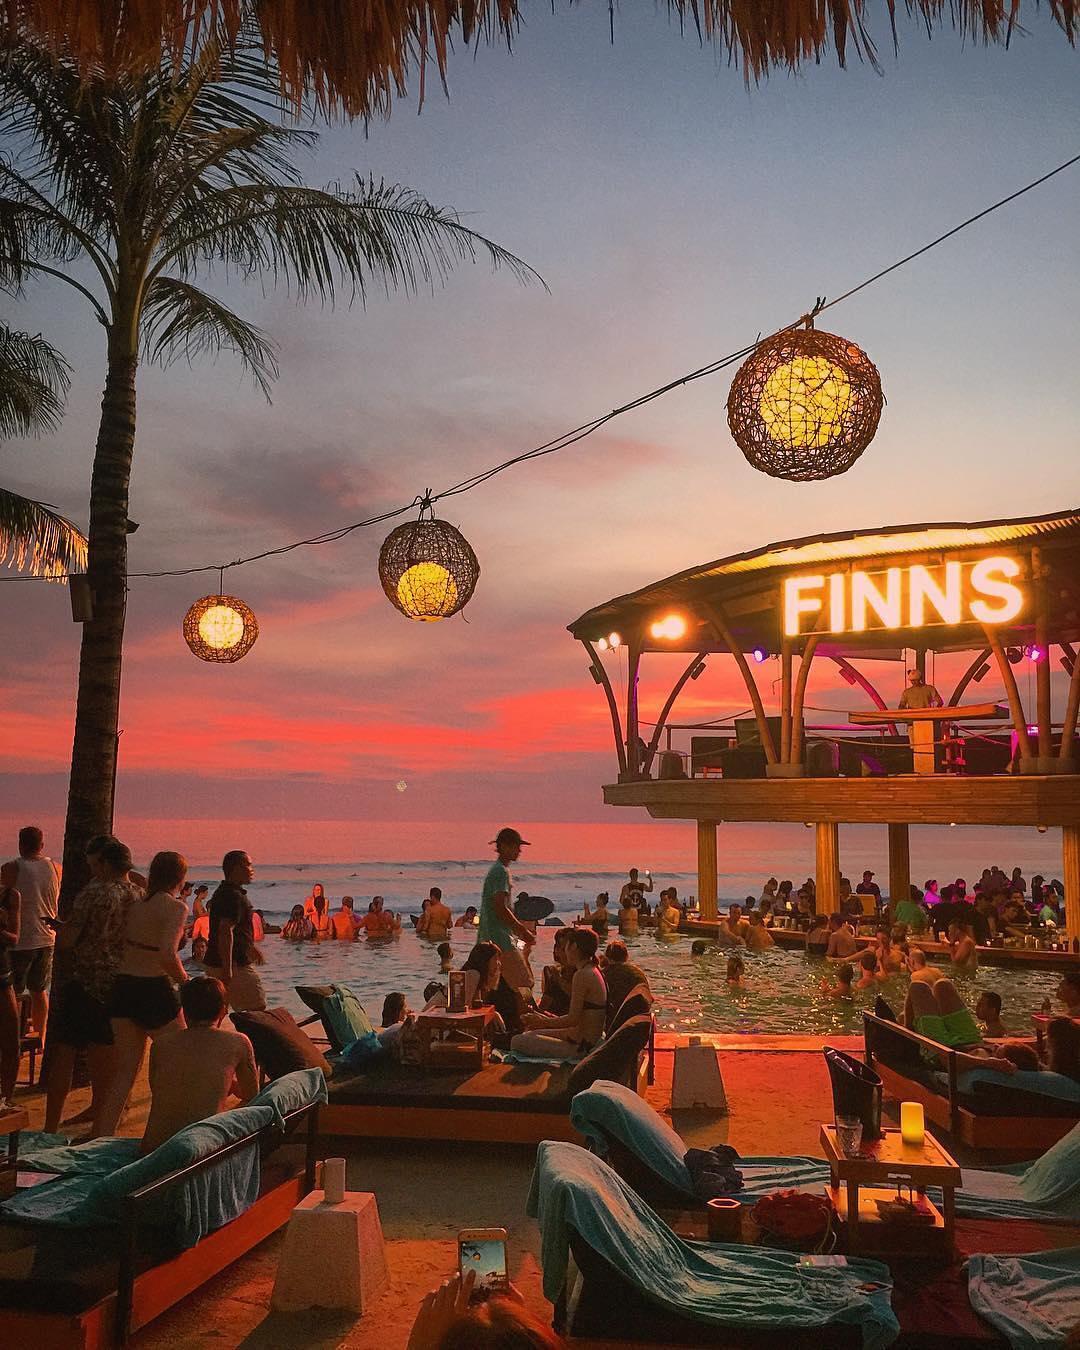 finns-beach-club